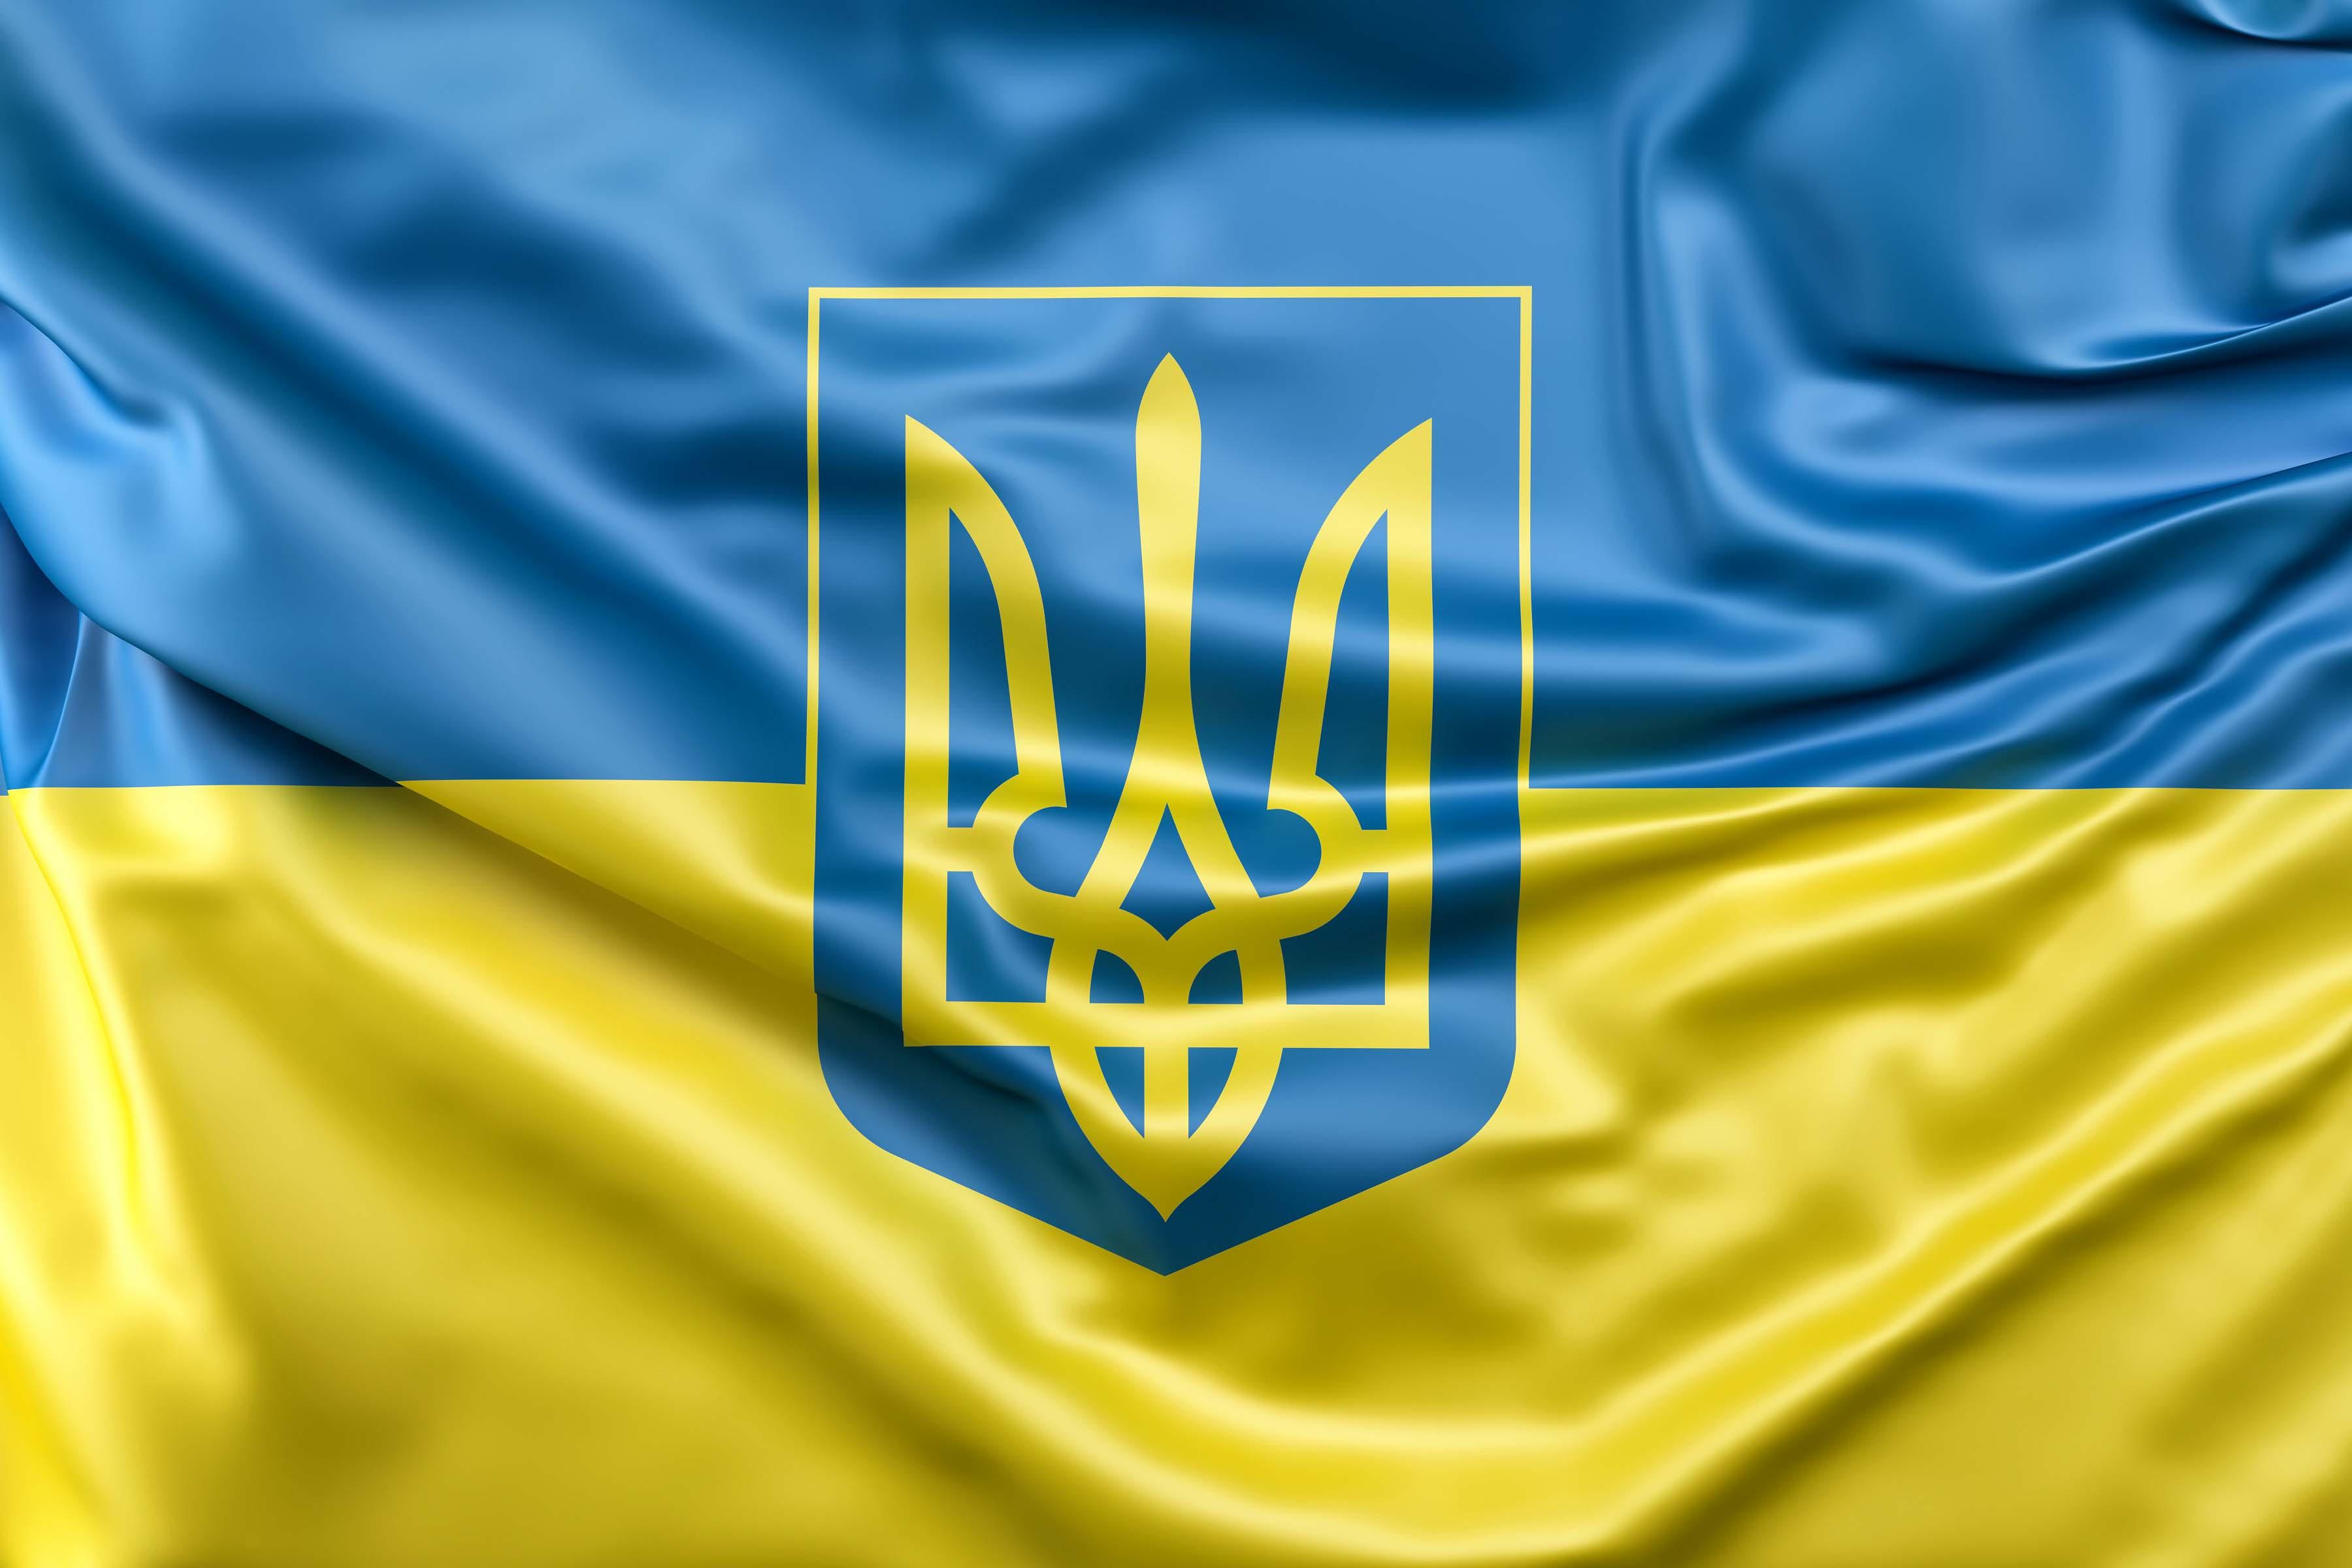 Сьогодні відзначають день військ зв'язку України